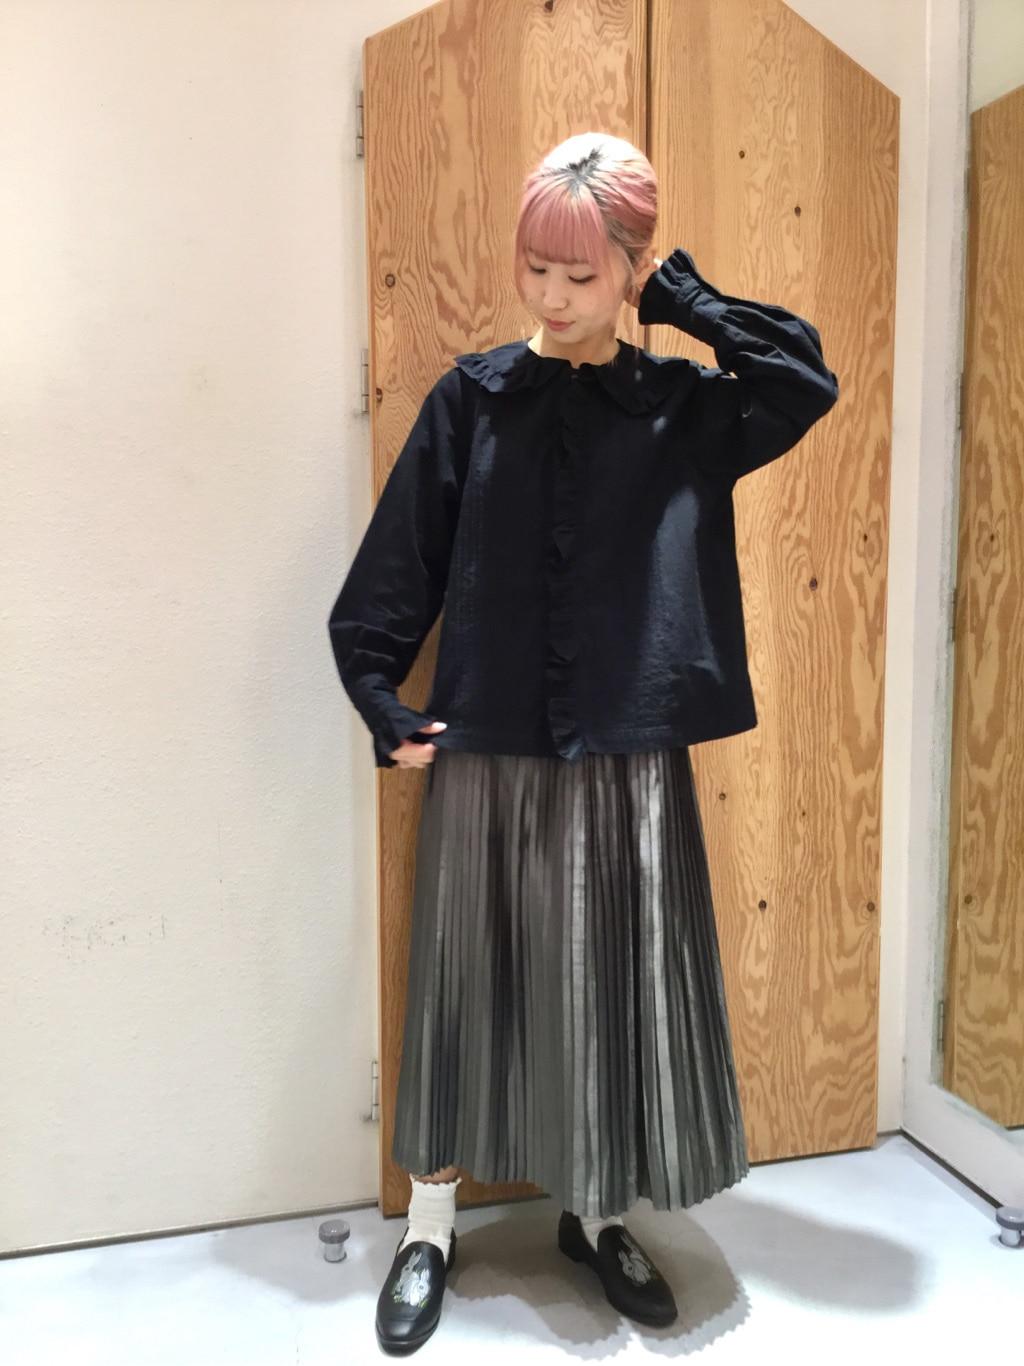 l'atelier du savon グランフロント大阪 身長:157cm 2019.10.10